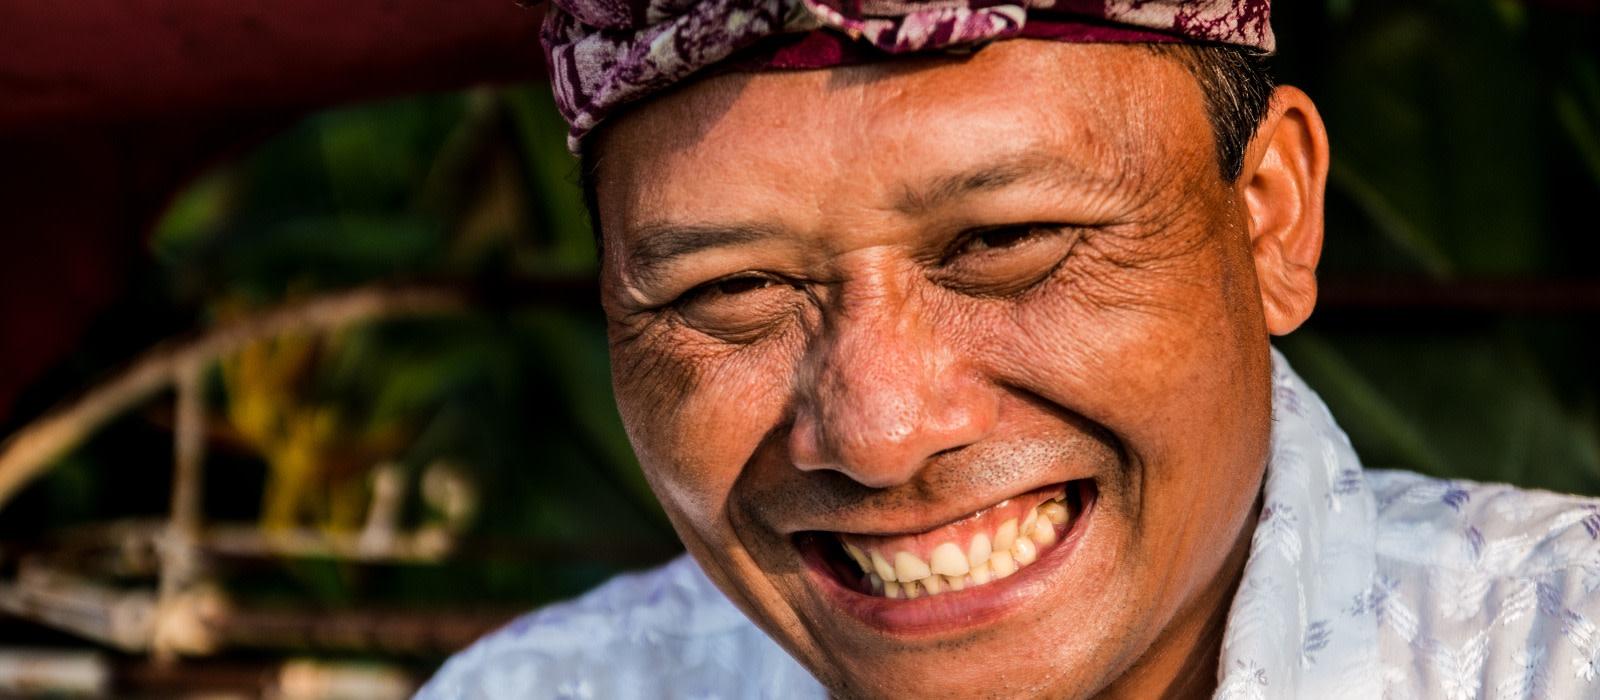 Sicherheit in Indonesien: Die freundlichen Bewohner der Insel helfen gerne weiter